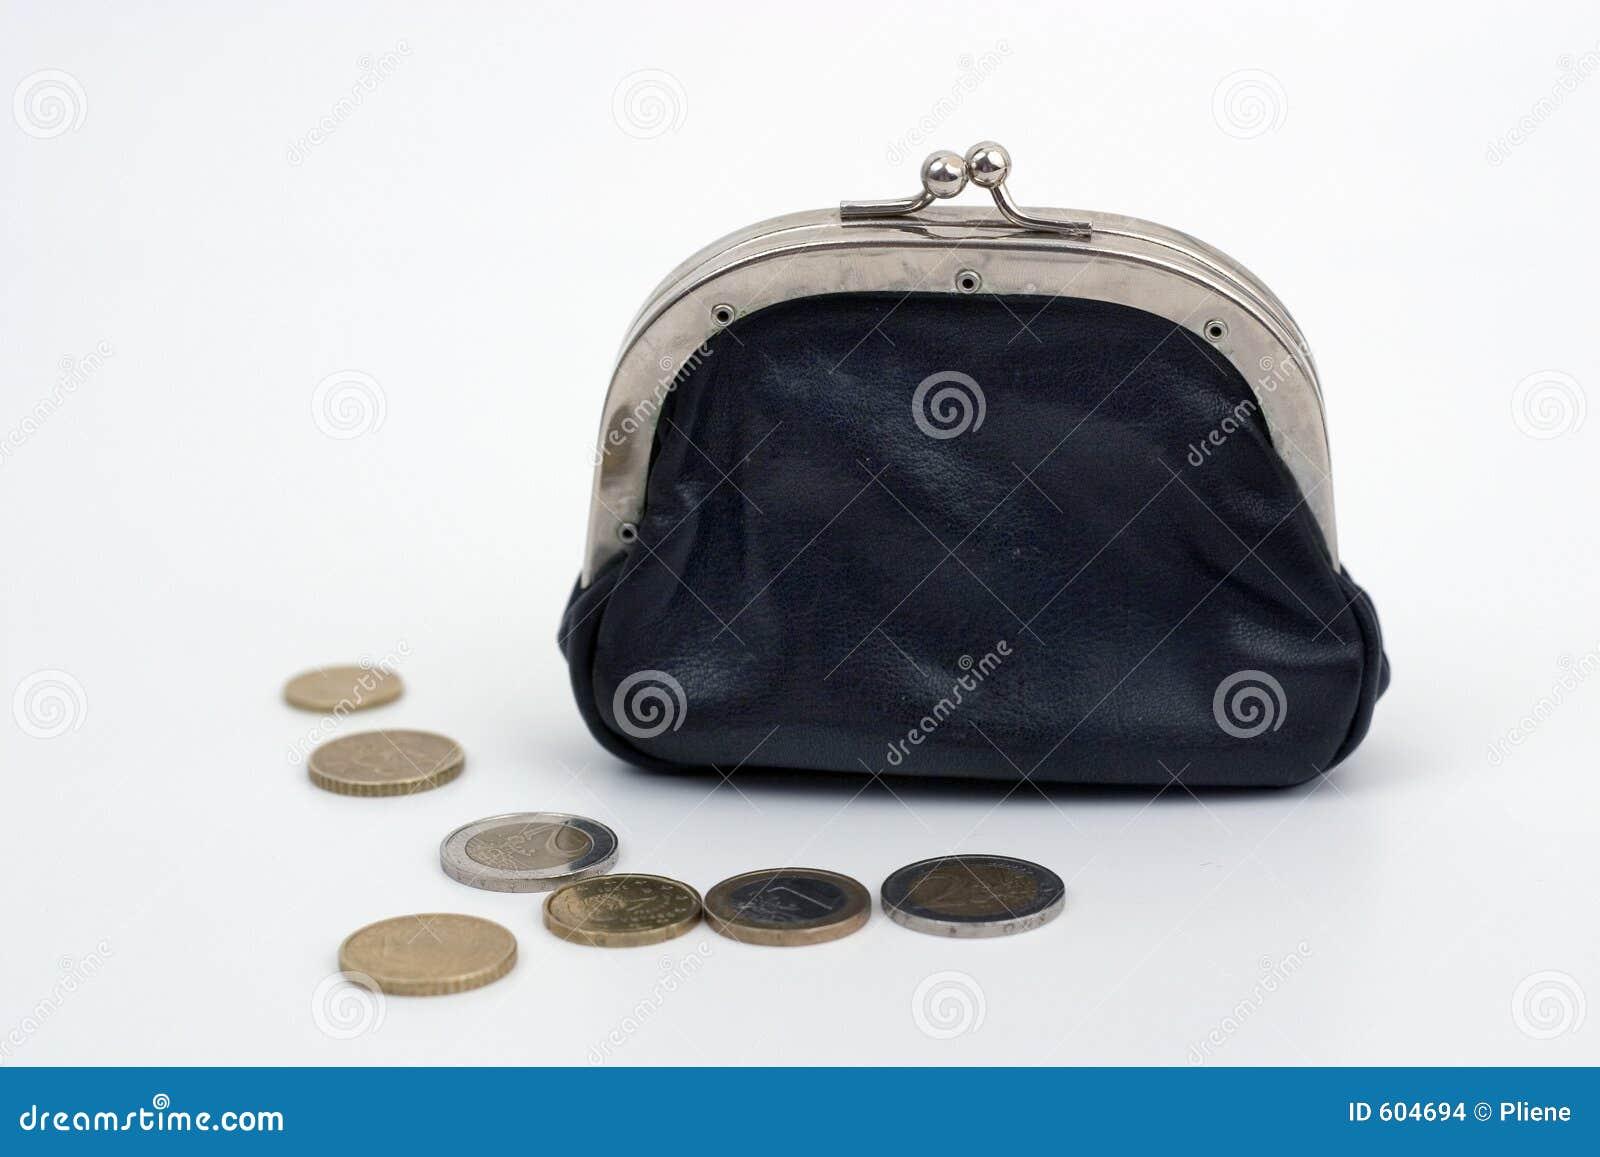 Portefeuille met Coins2